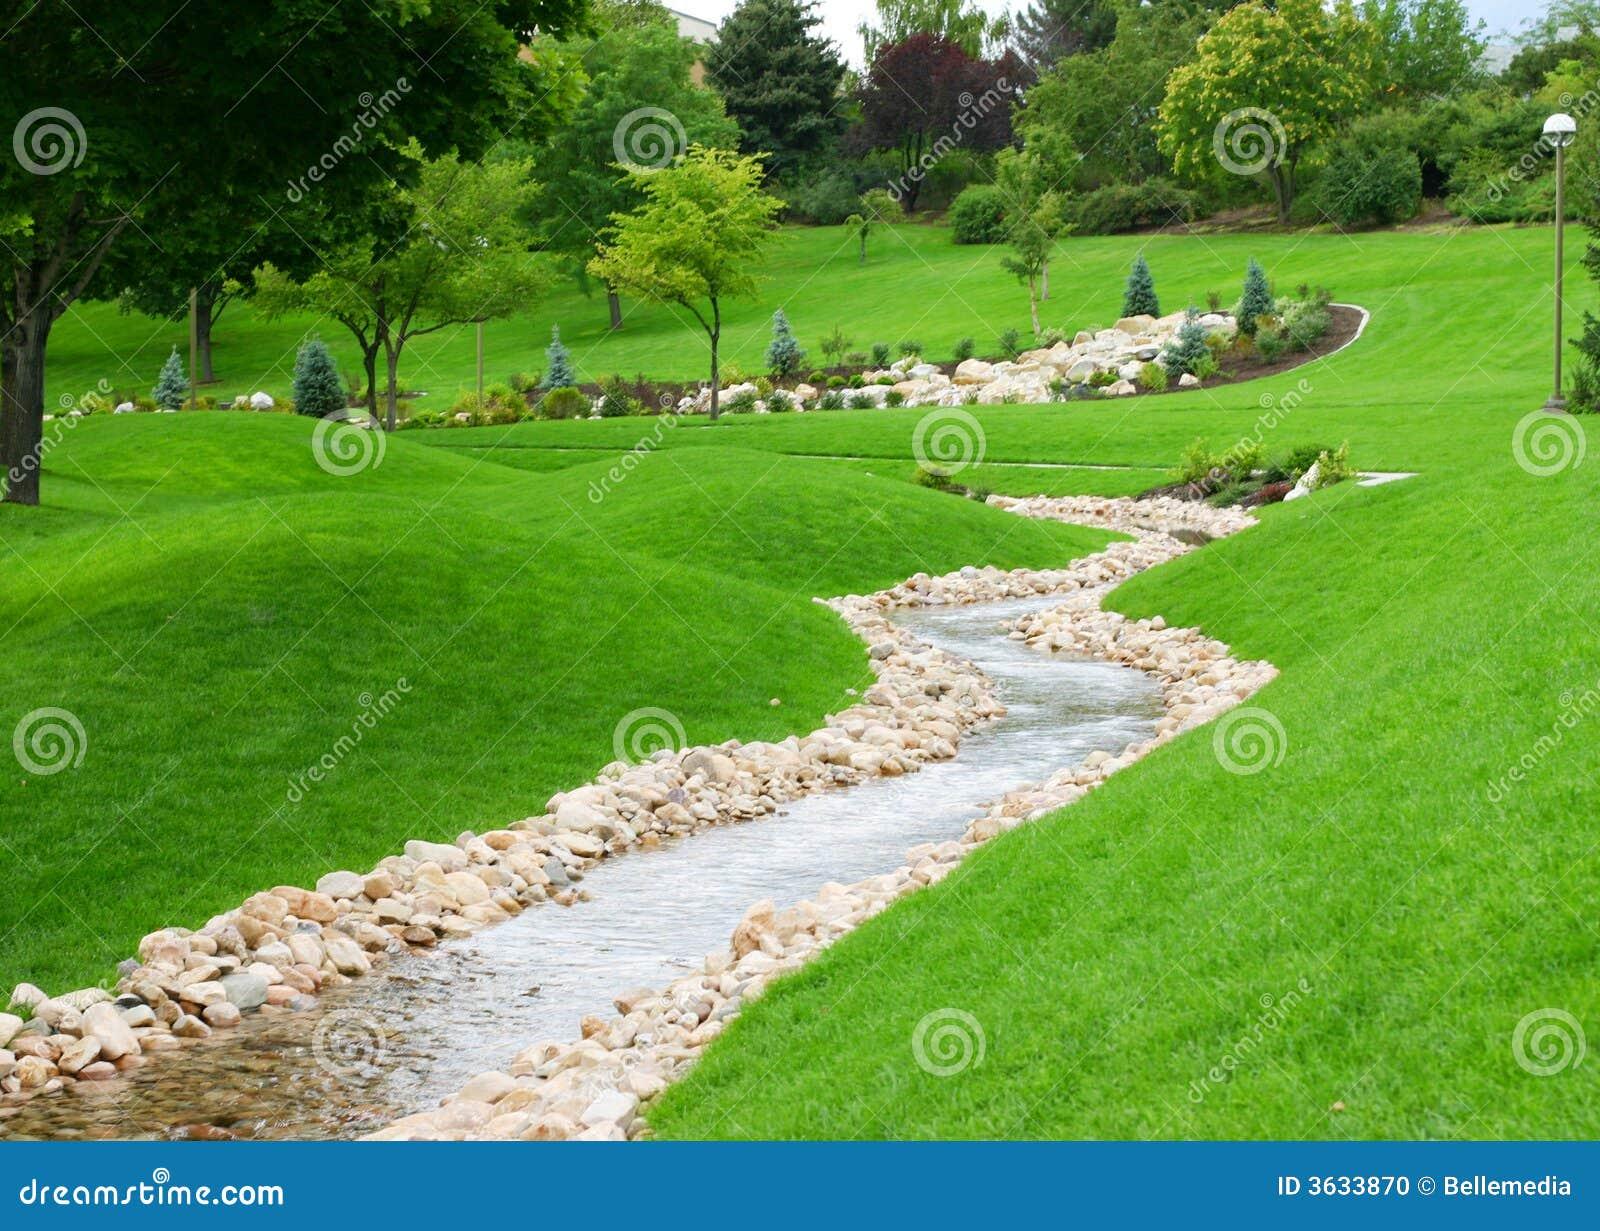 Zen garden stock photo Image of beauty